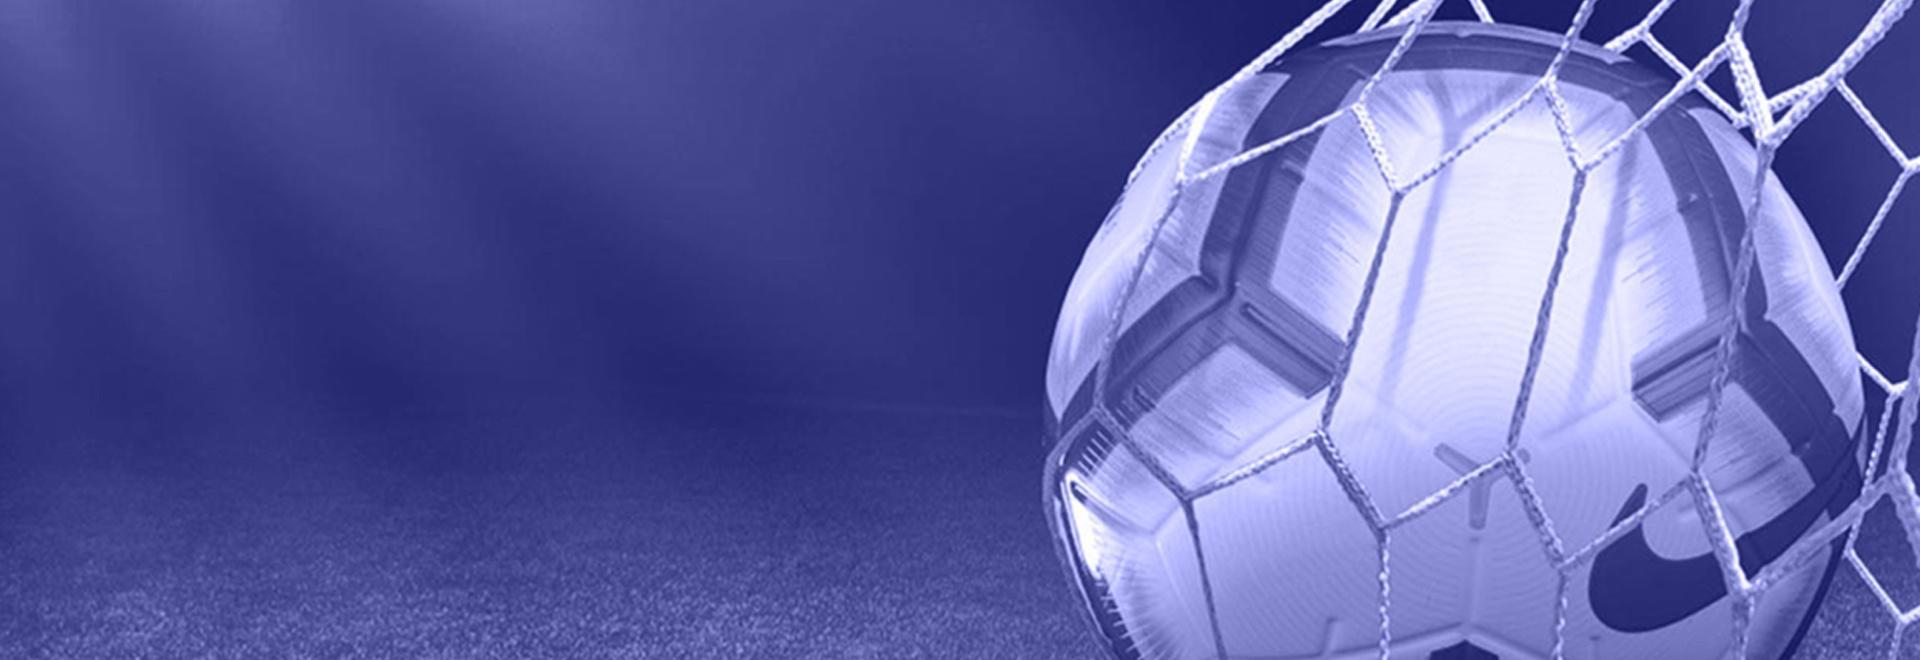 Inter - Fiorentina 15/03/09. 28a g.